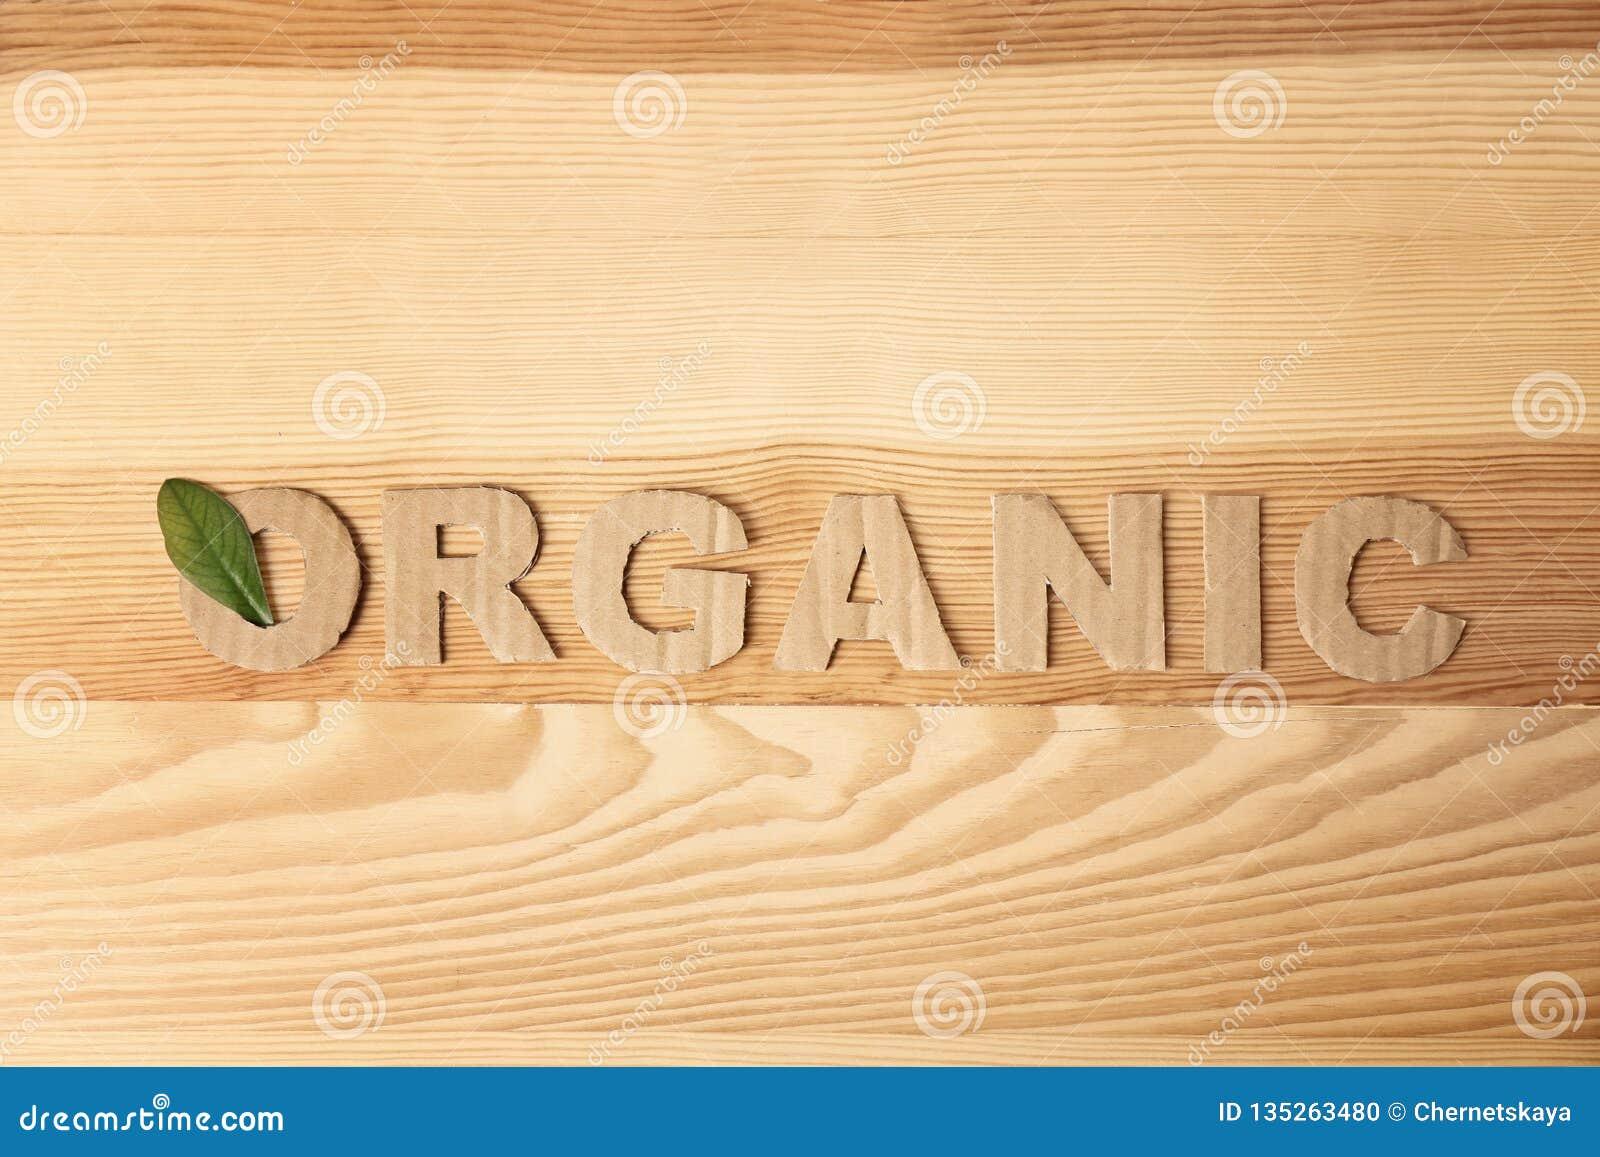 """Λέξη """"οργανικός """"φιαγμένος από επιστολές χαρτονιού και πράσινο φύλλο στο ξύλινο υπόβαθρο"""